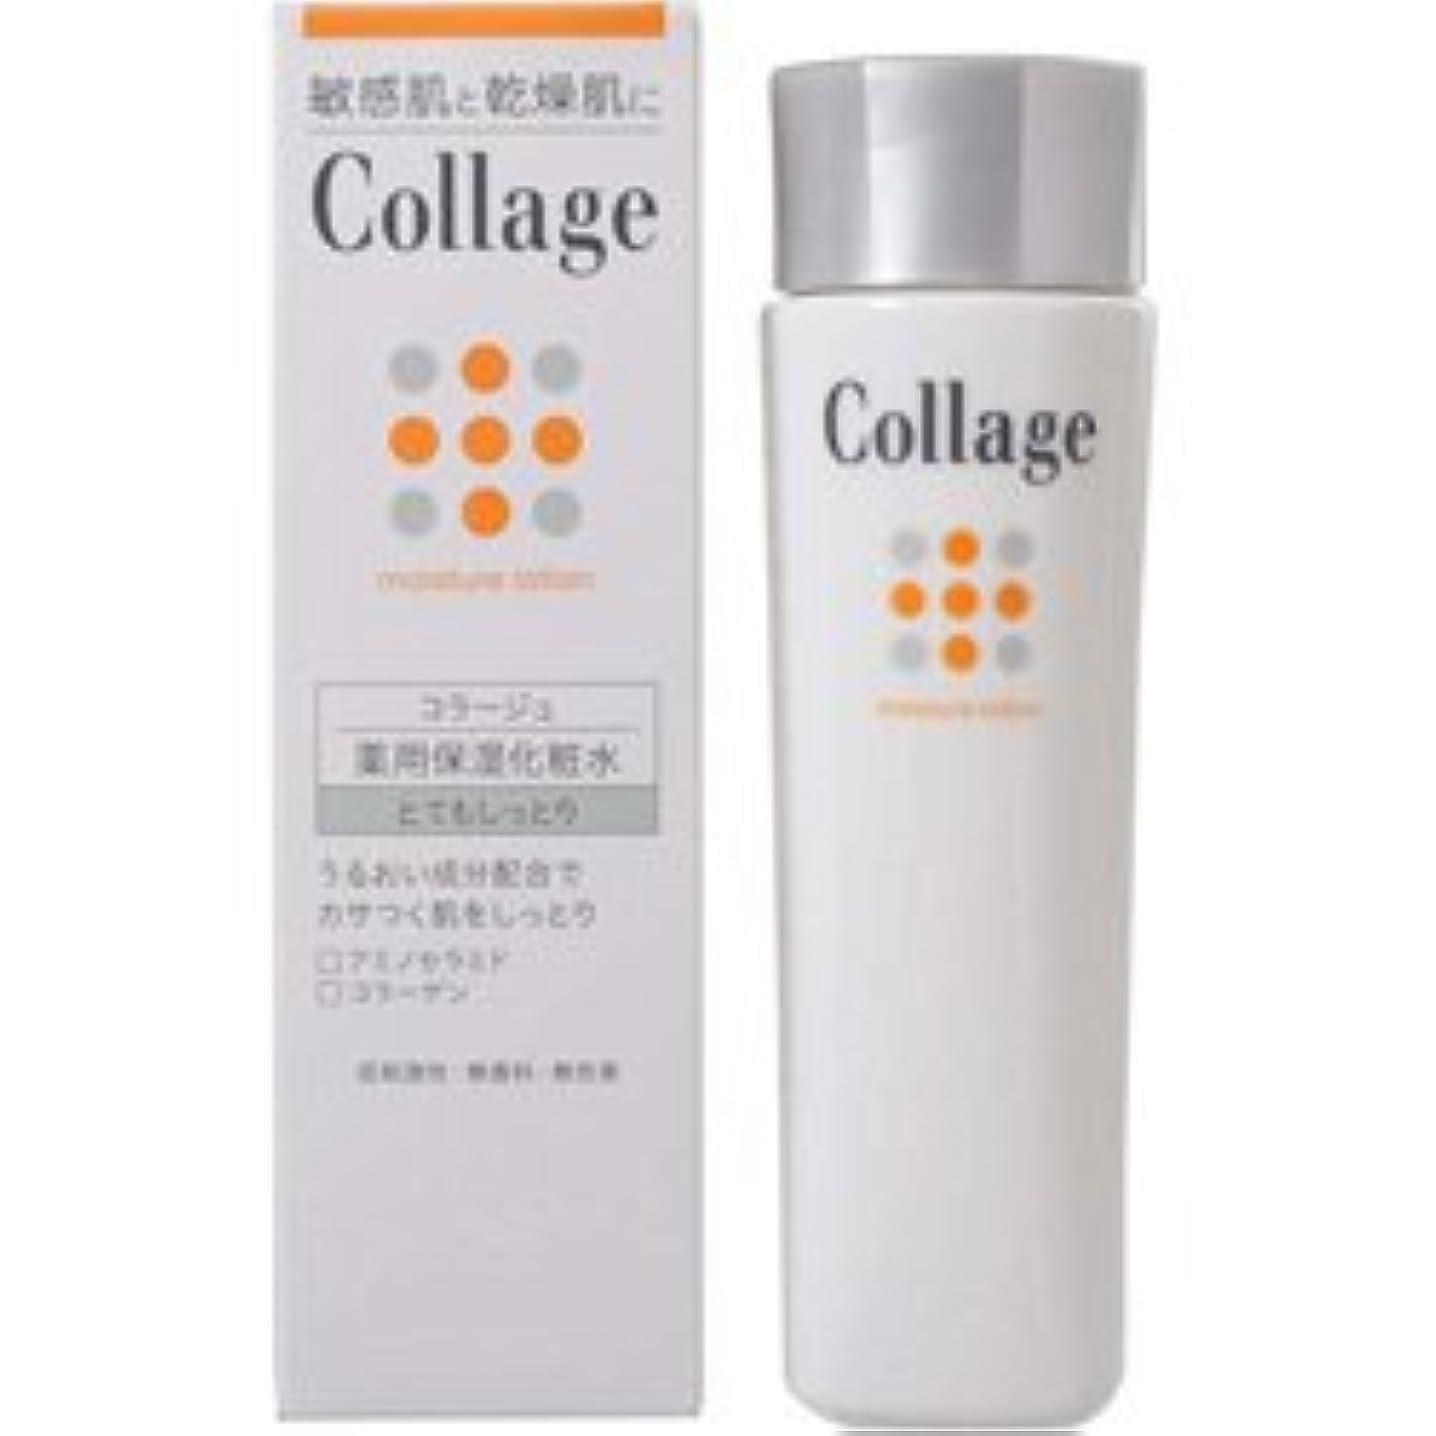 ストレンジャー以前は属性【持田ヘルスケア】 コラージュ薬用保湿化粧水 とてもしっとり 120ml (医薬部外品) ×3個セット